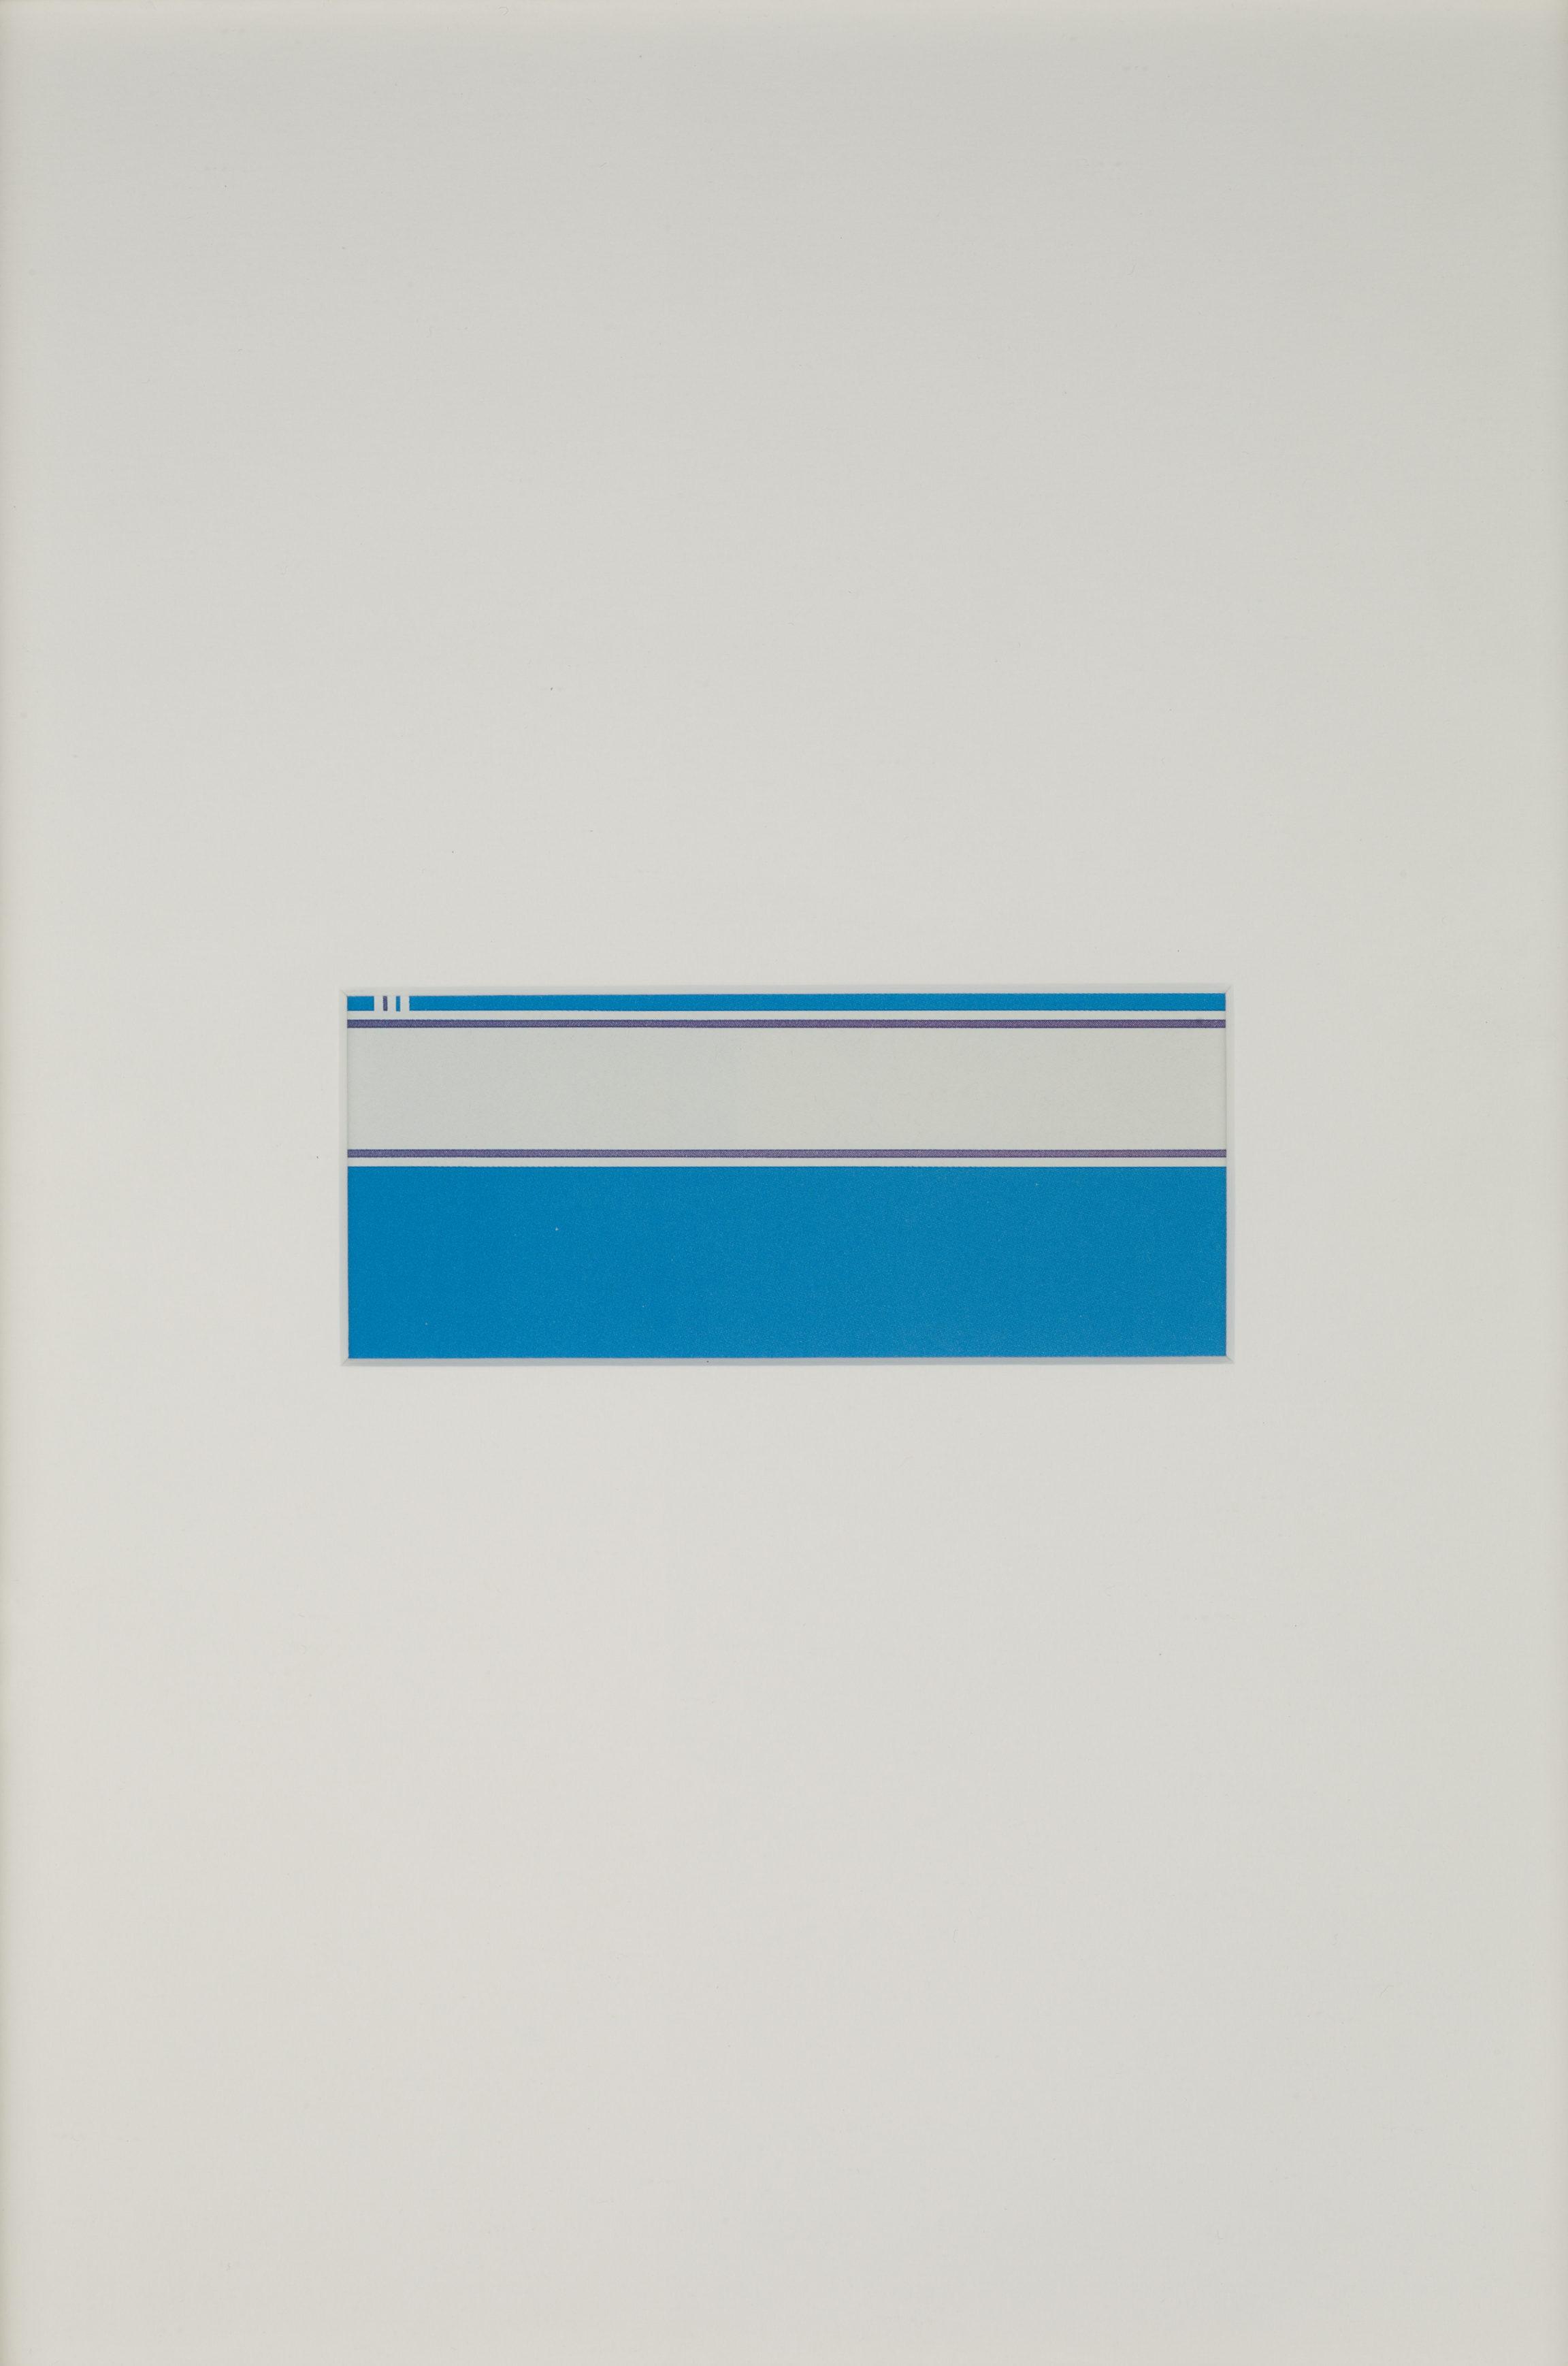 Francis Baudevin, Sans titre, 2003